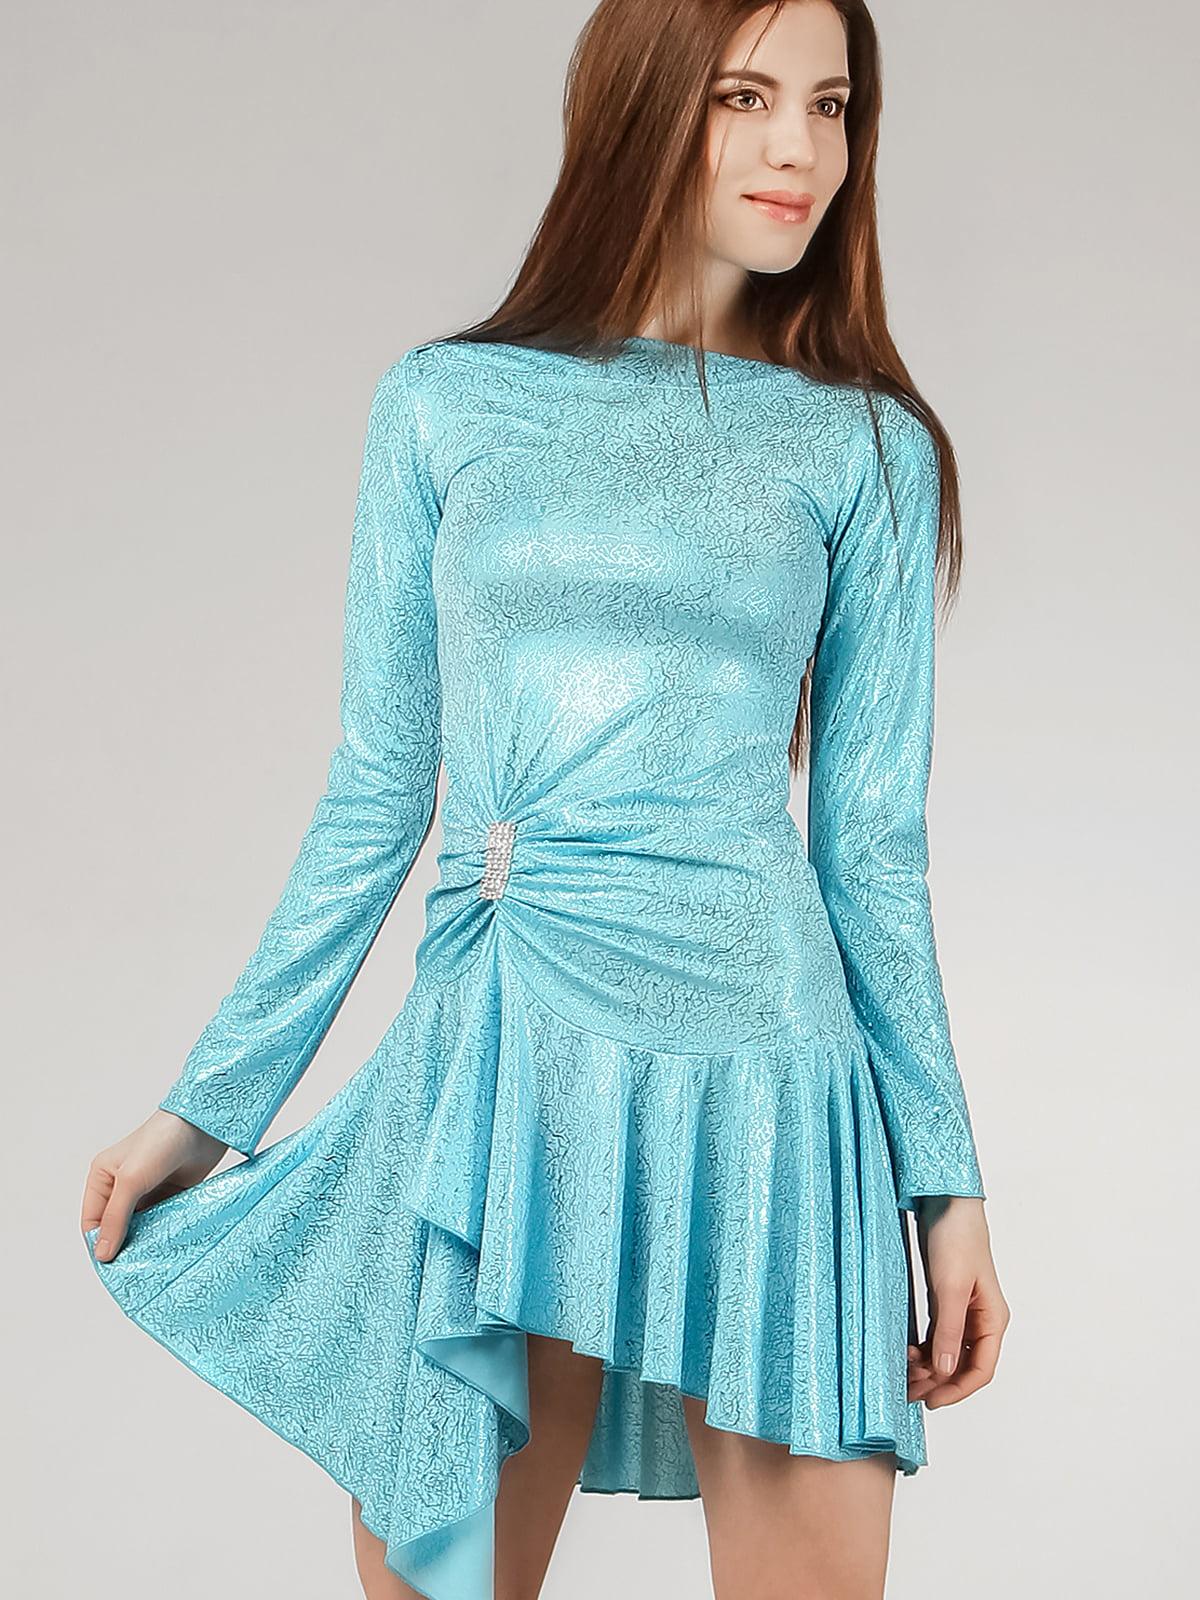 Платье голубое с однотонным узором | 5530154